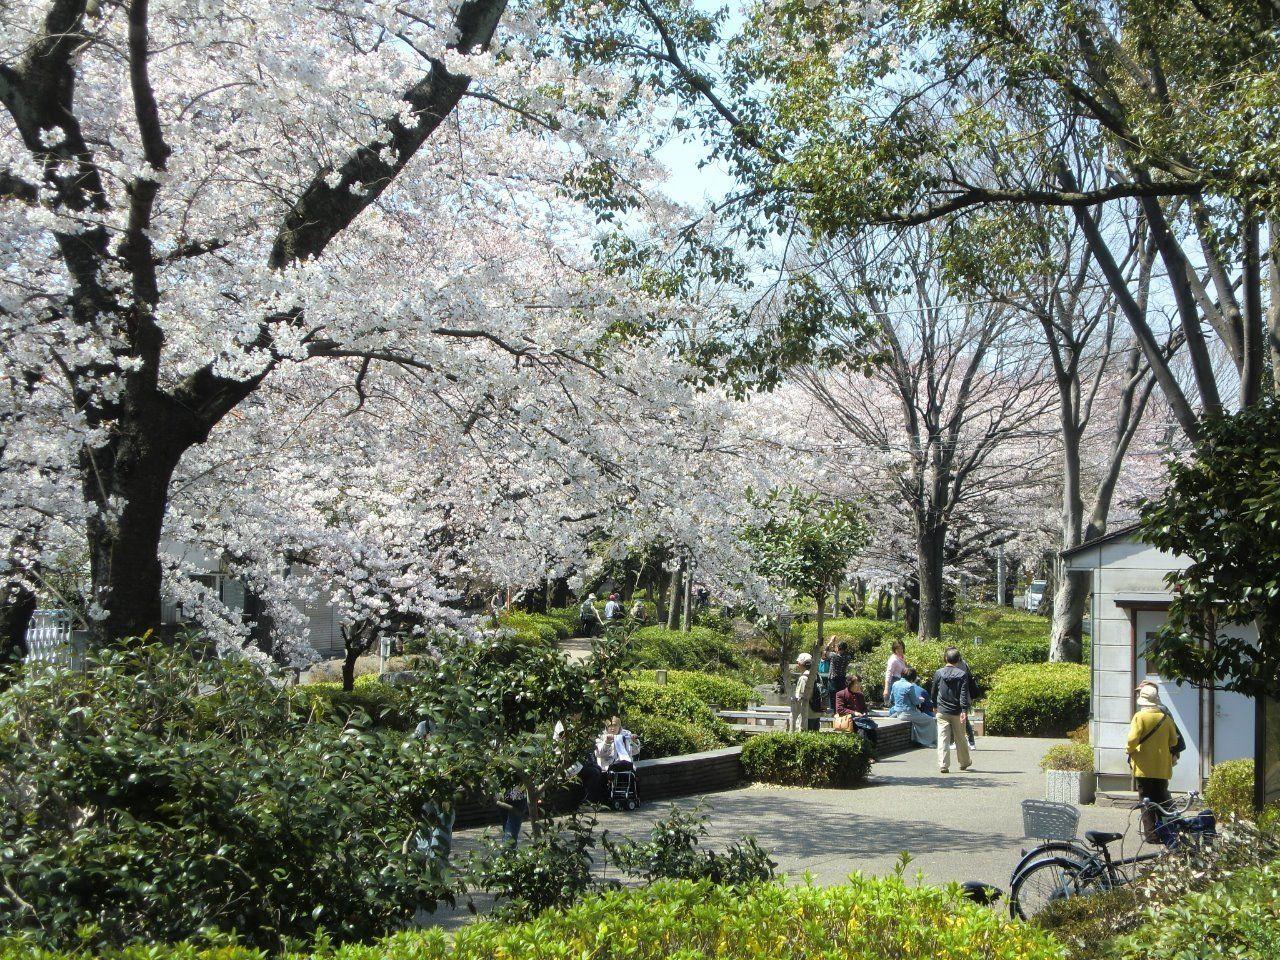 春は緑道に沿って桜がさきます。コーポよりやから503m